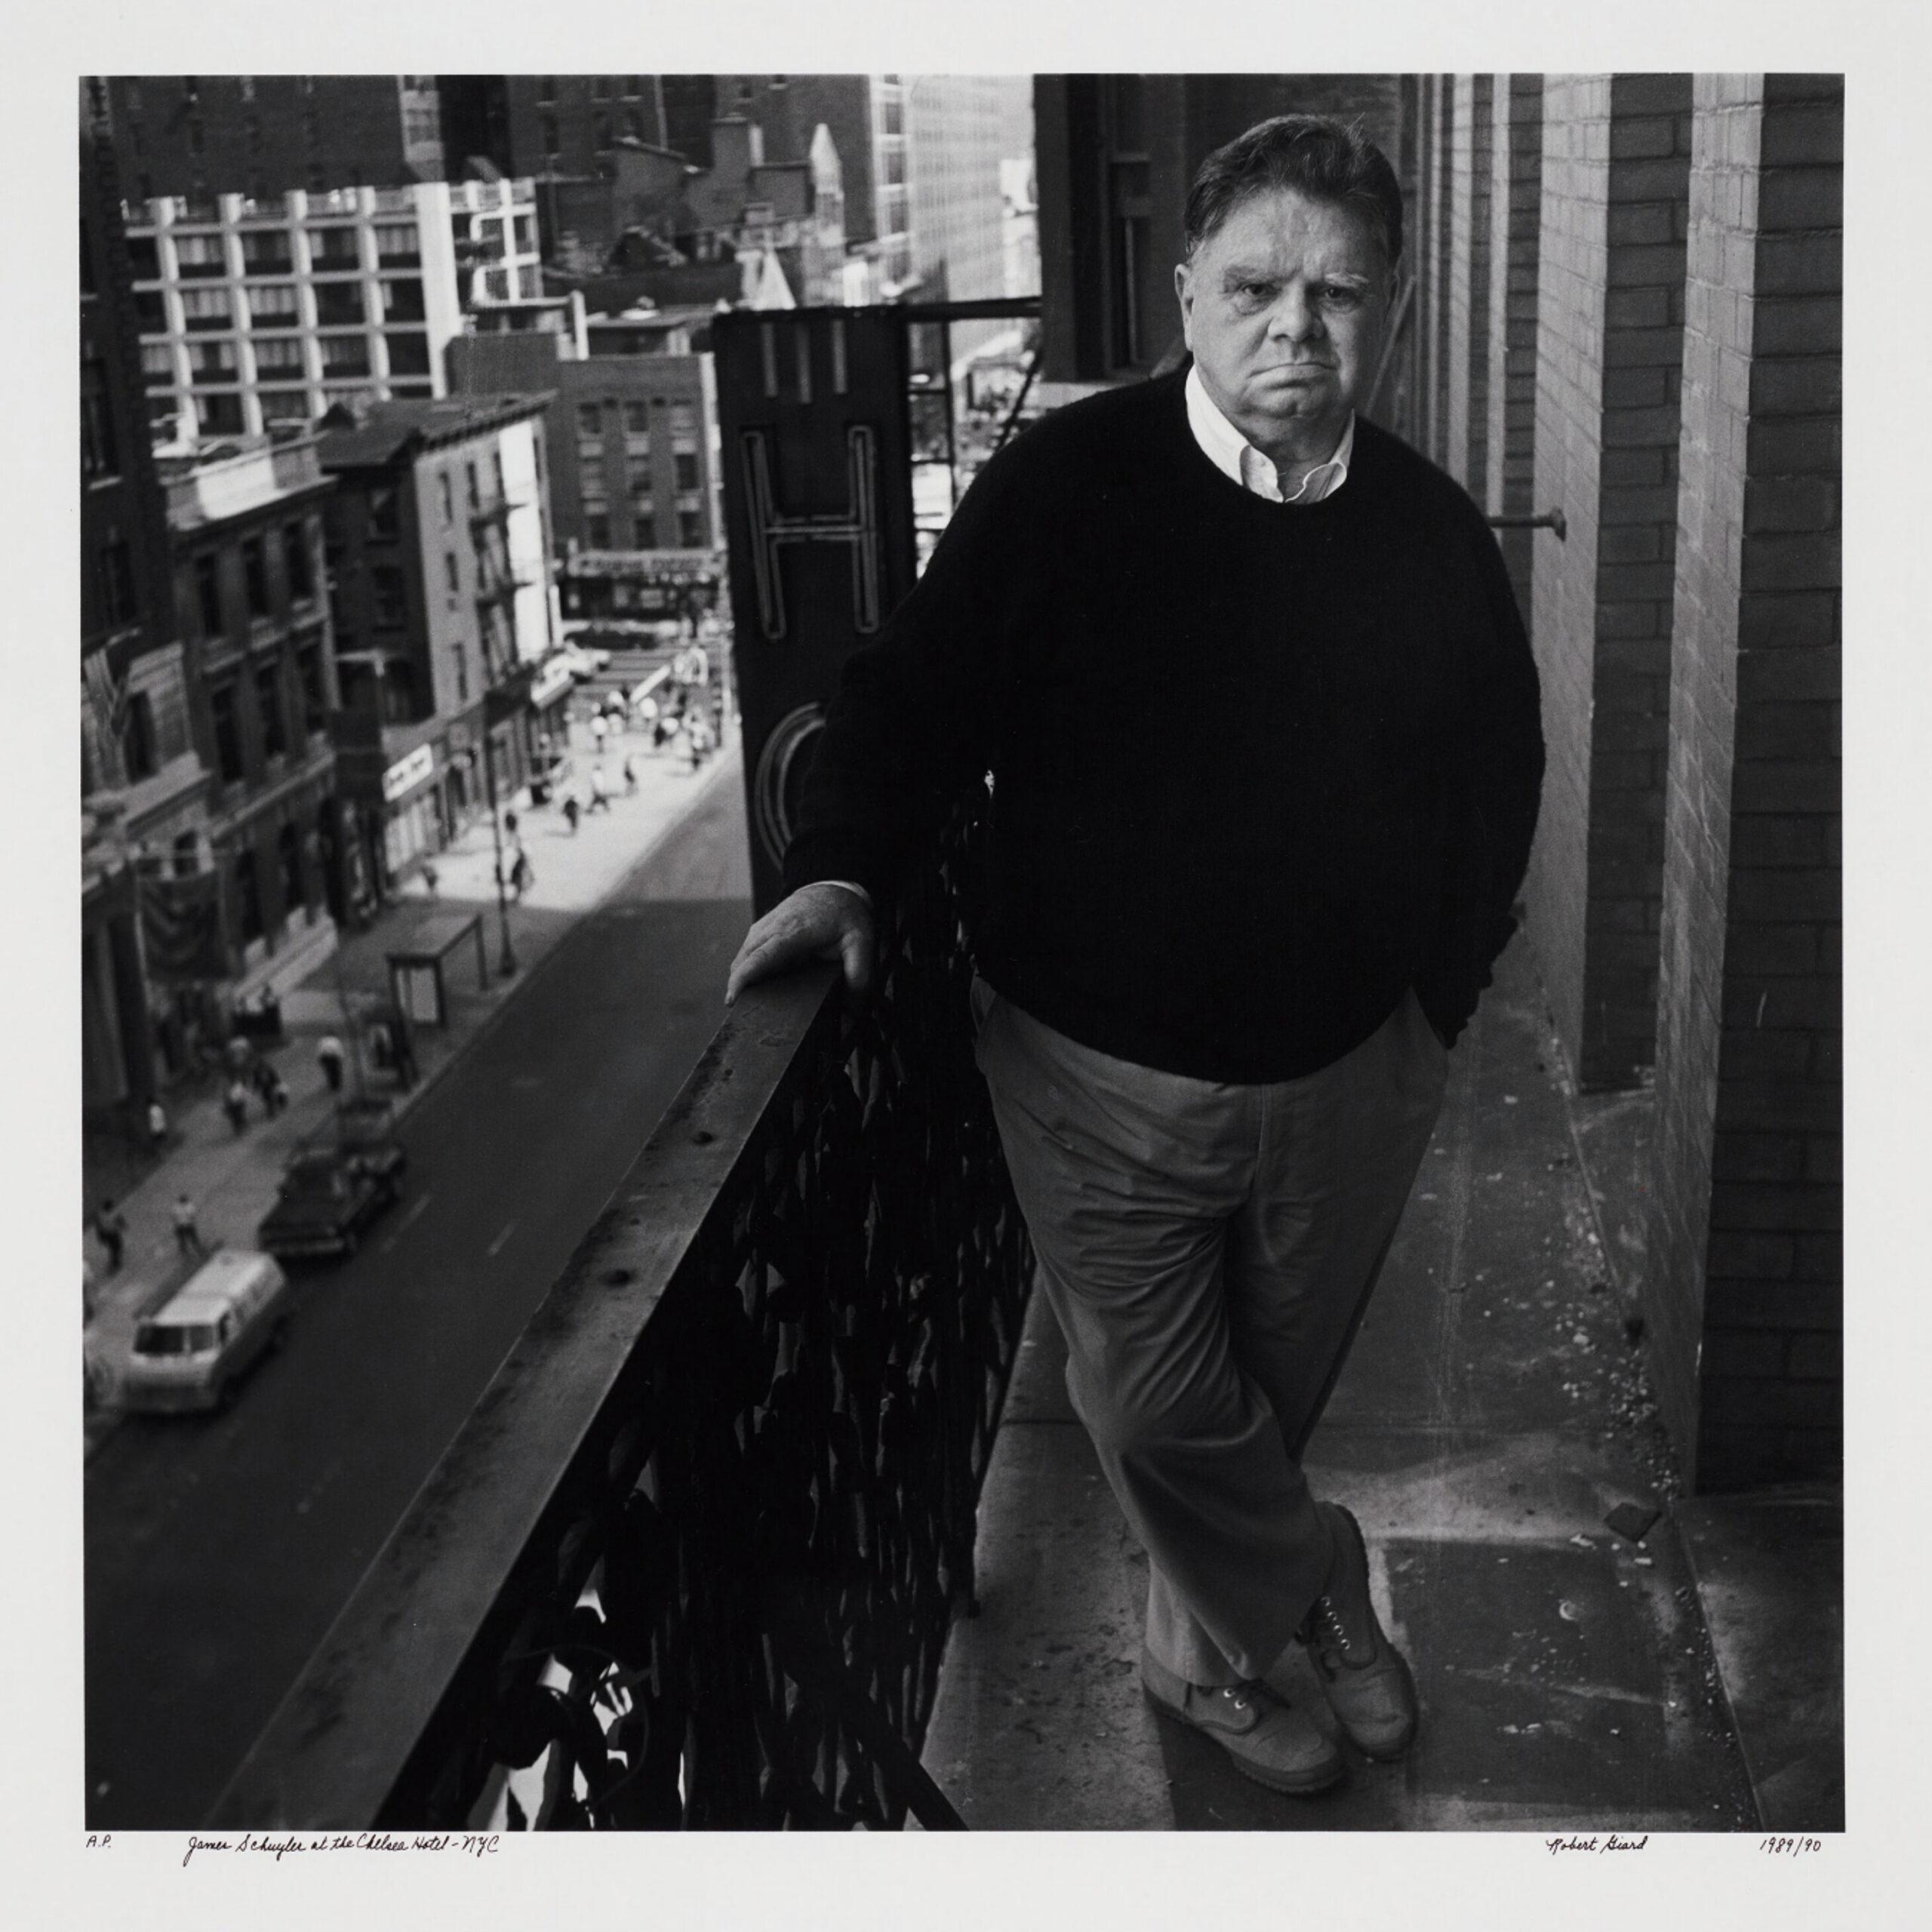 James Schuyler, 1989